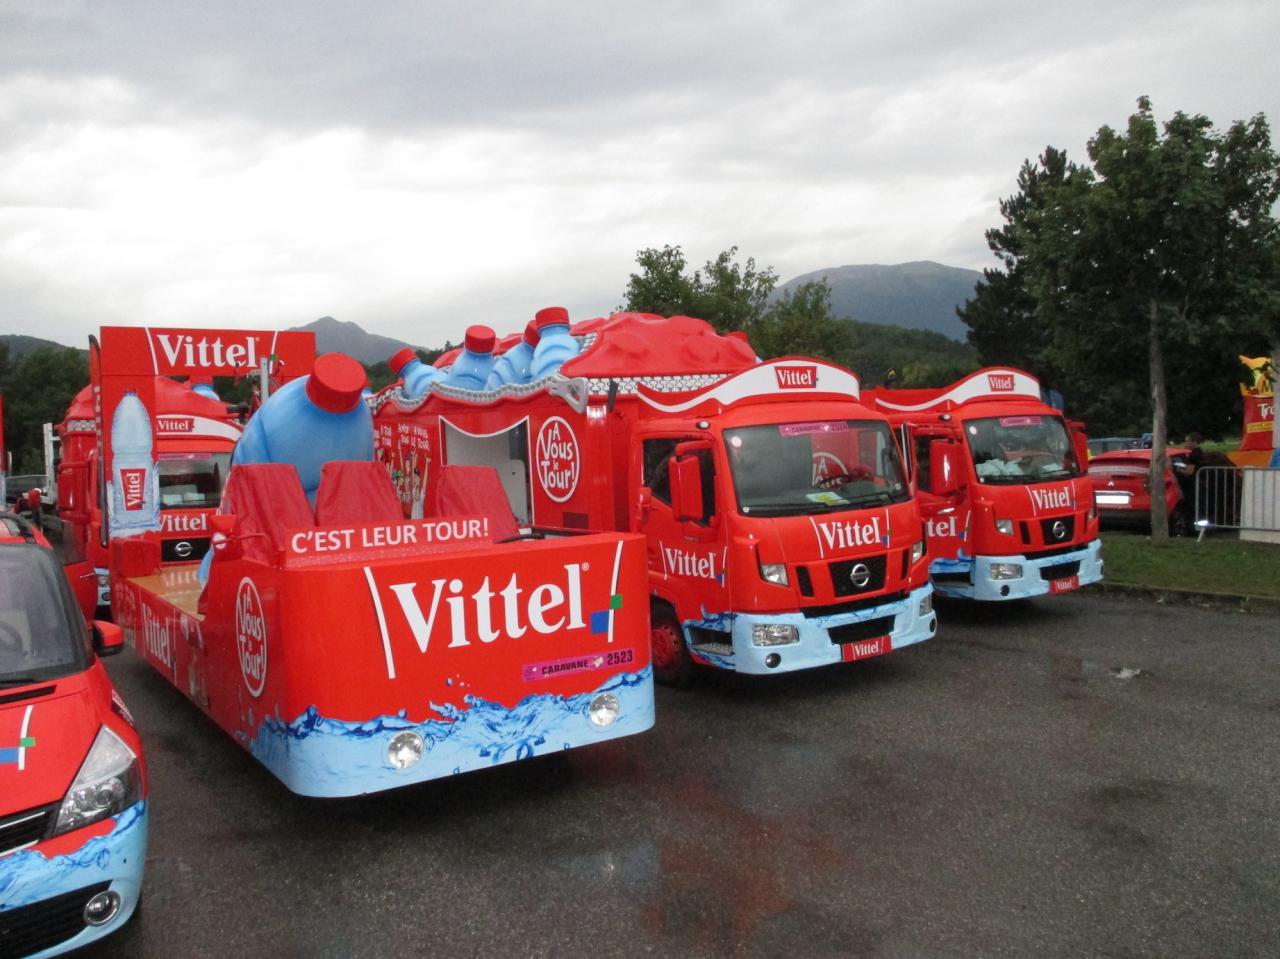 Caravane Tour de France 2014 13